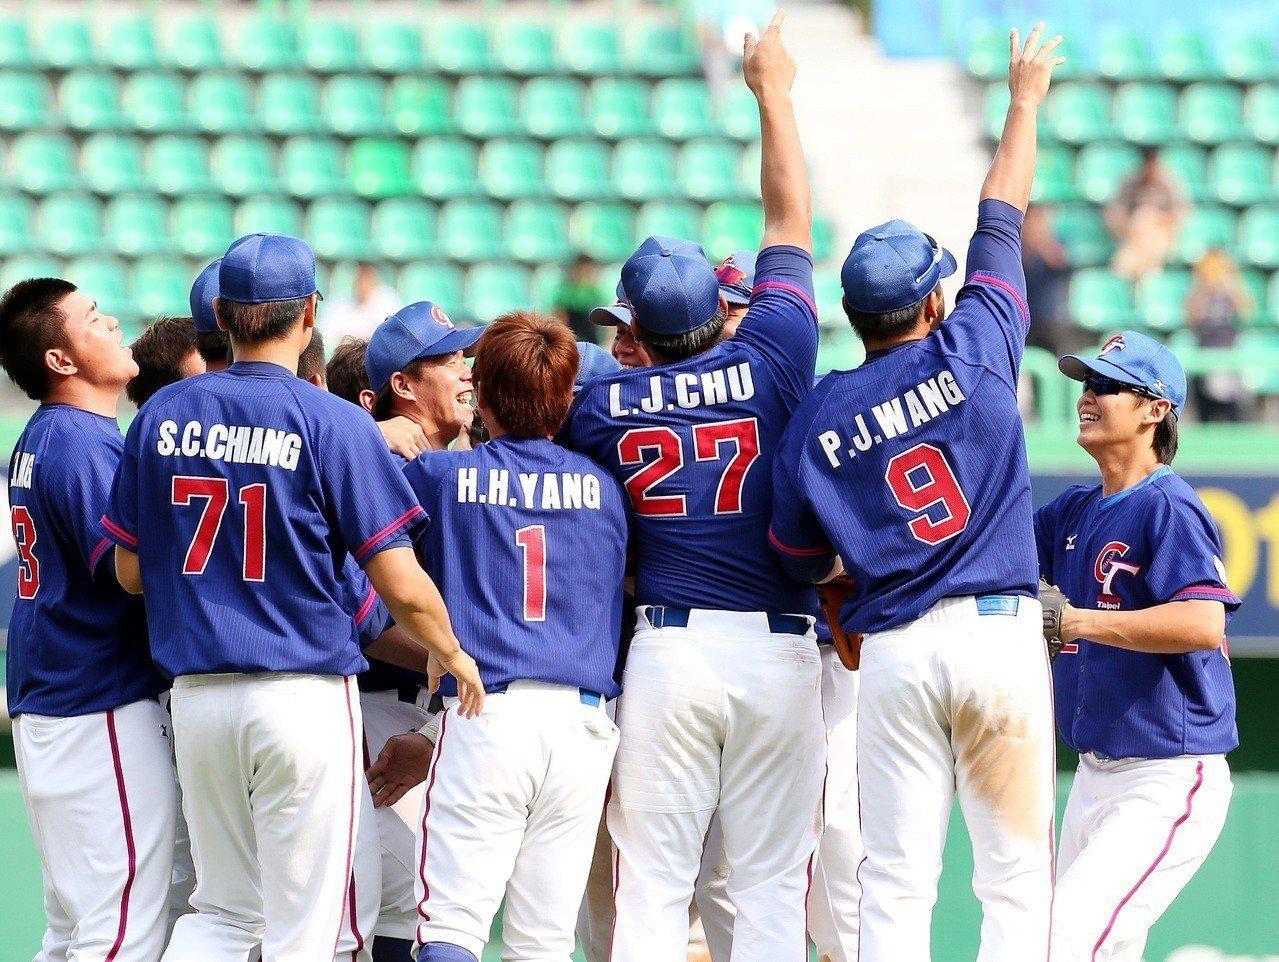 上屆亞運棒球賽中華隊進軍決賽,但未能奪金。 報系資料照